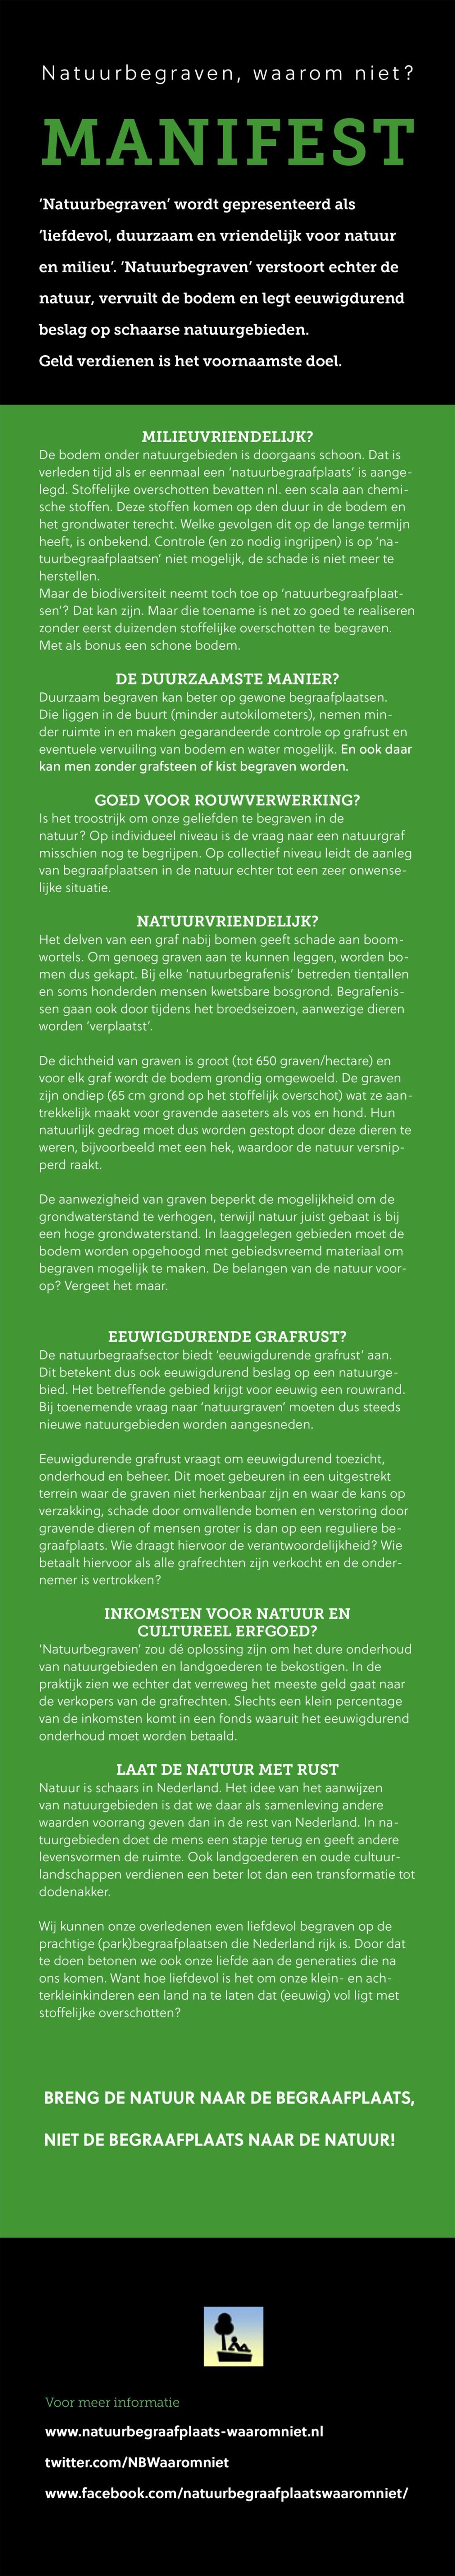 Manifest tegen begraven in de natuur februari 2018 Natuurbegraafplaats-waaromniet.nl